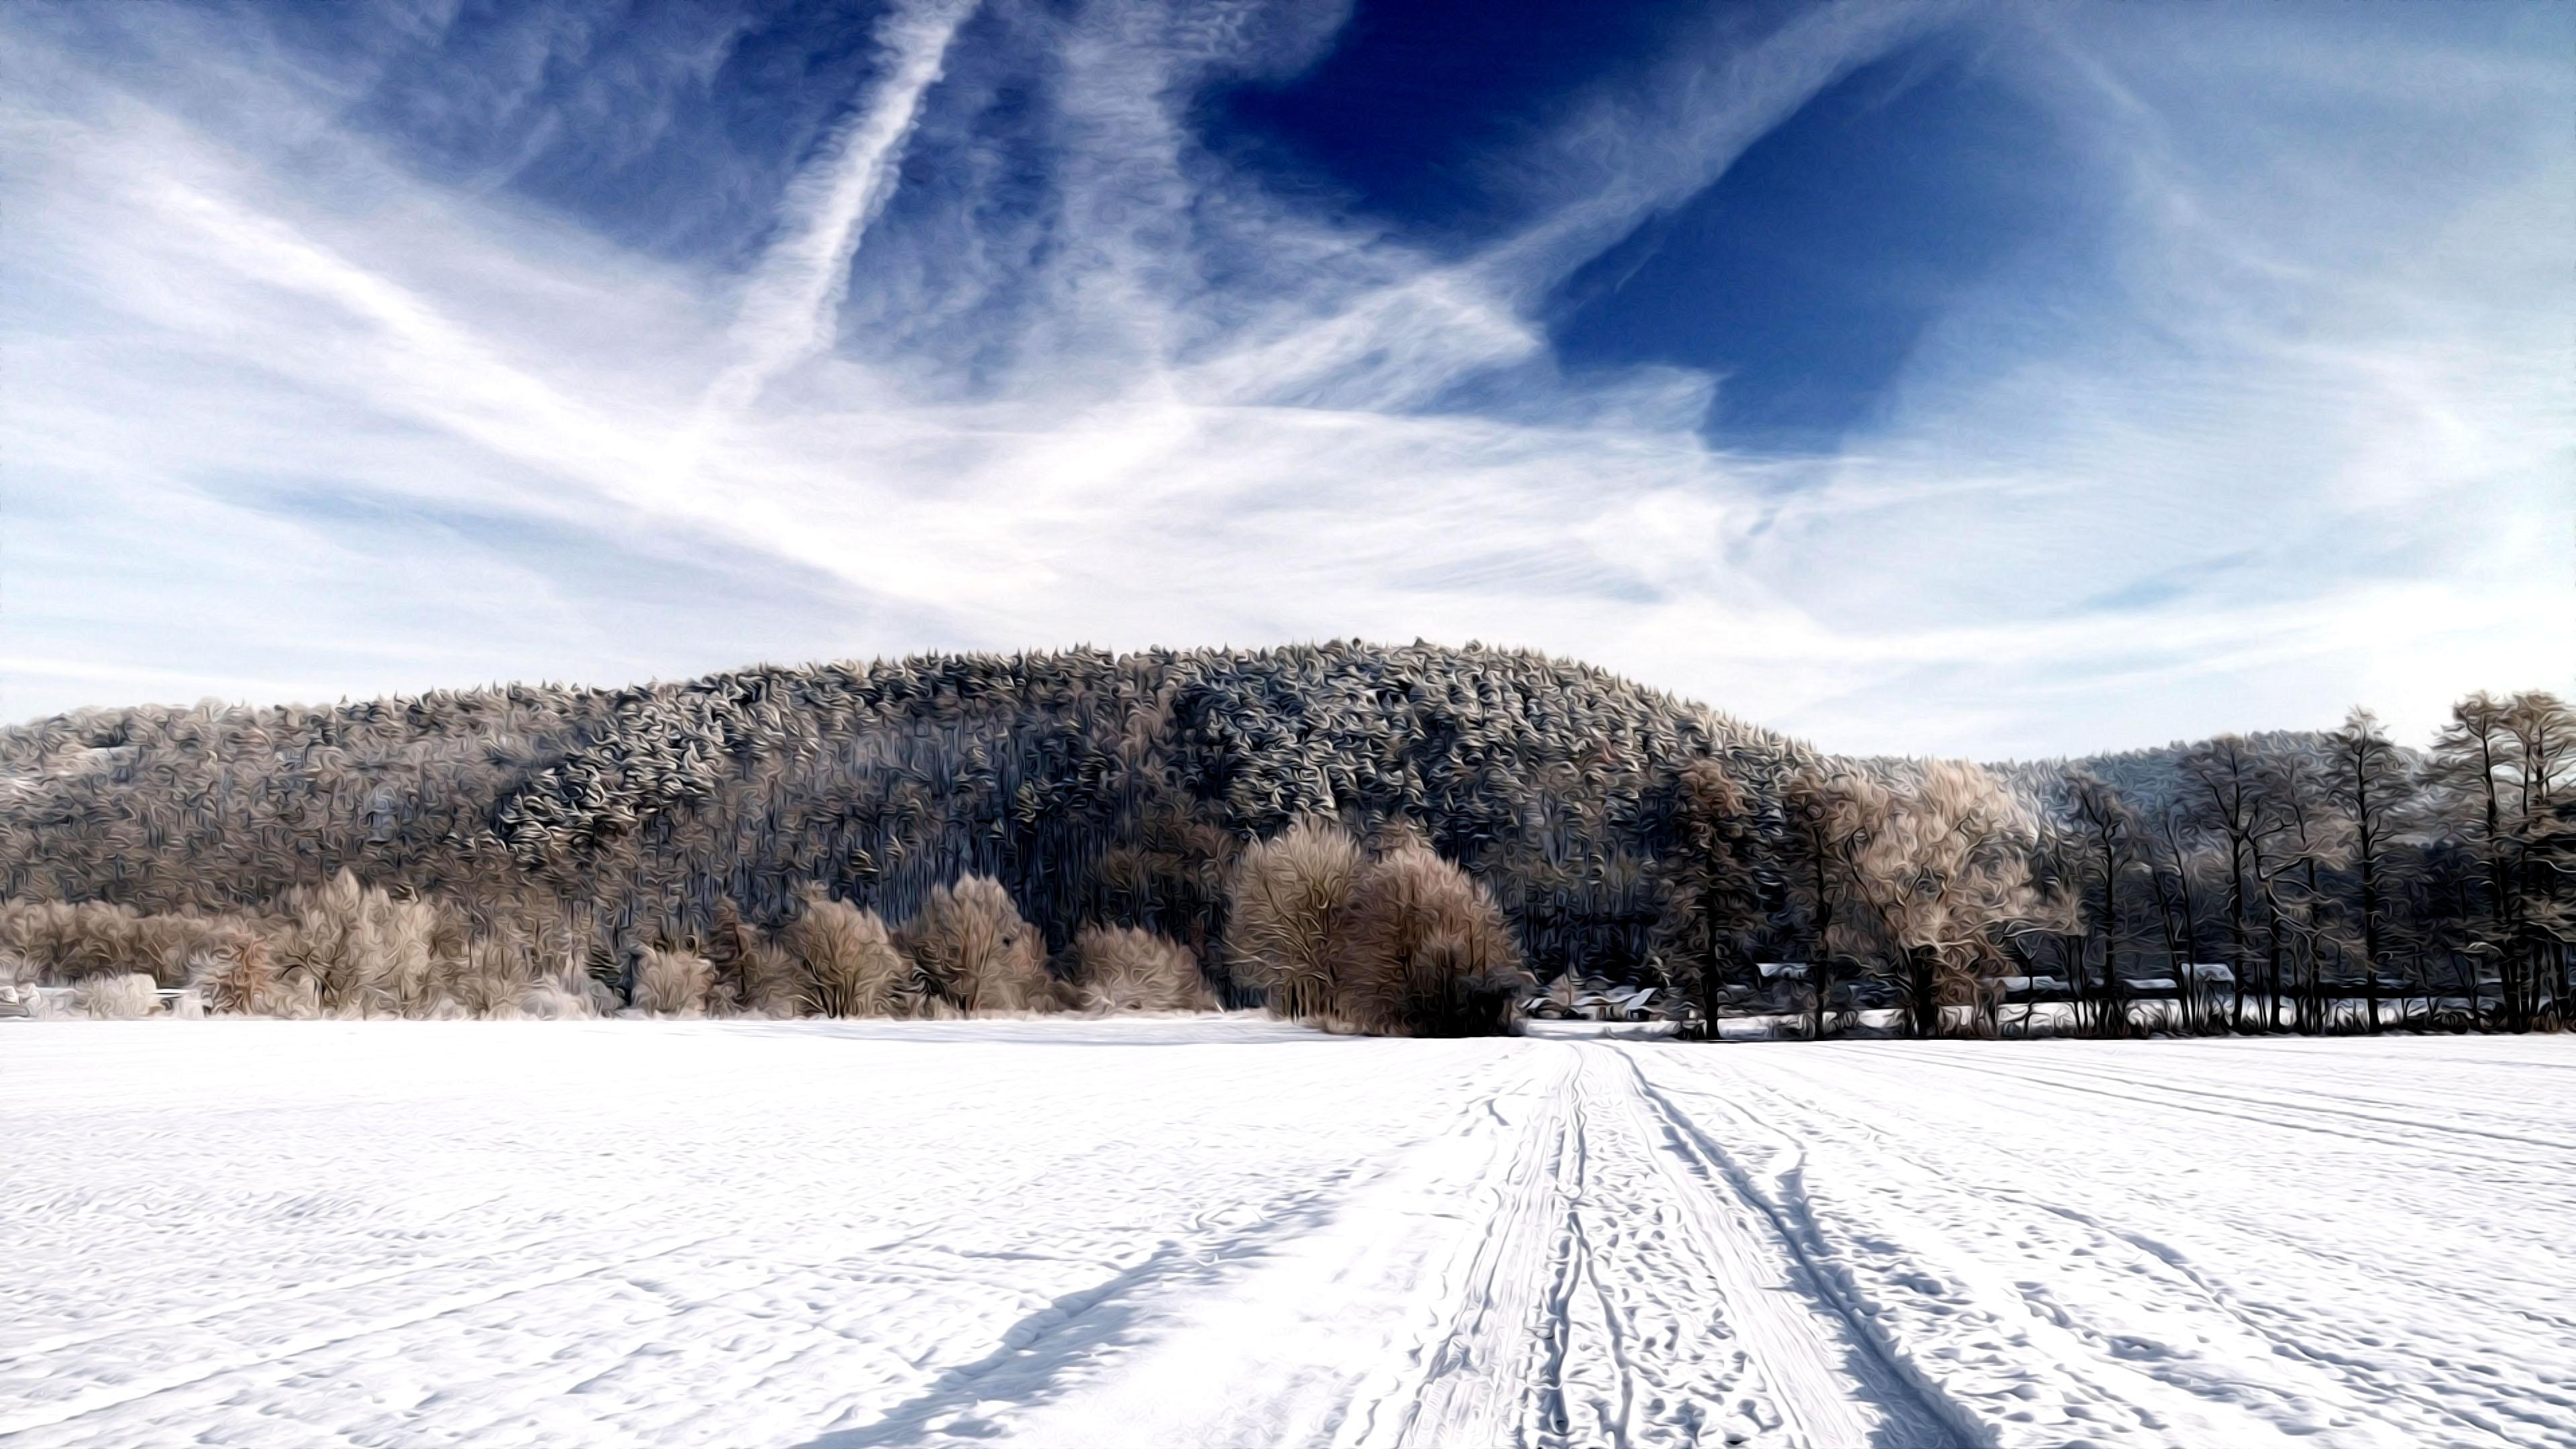 снег покров деревья небо анонимно